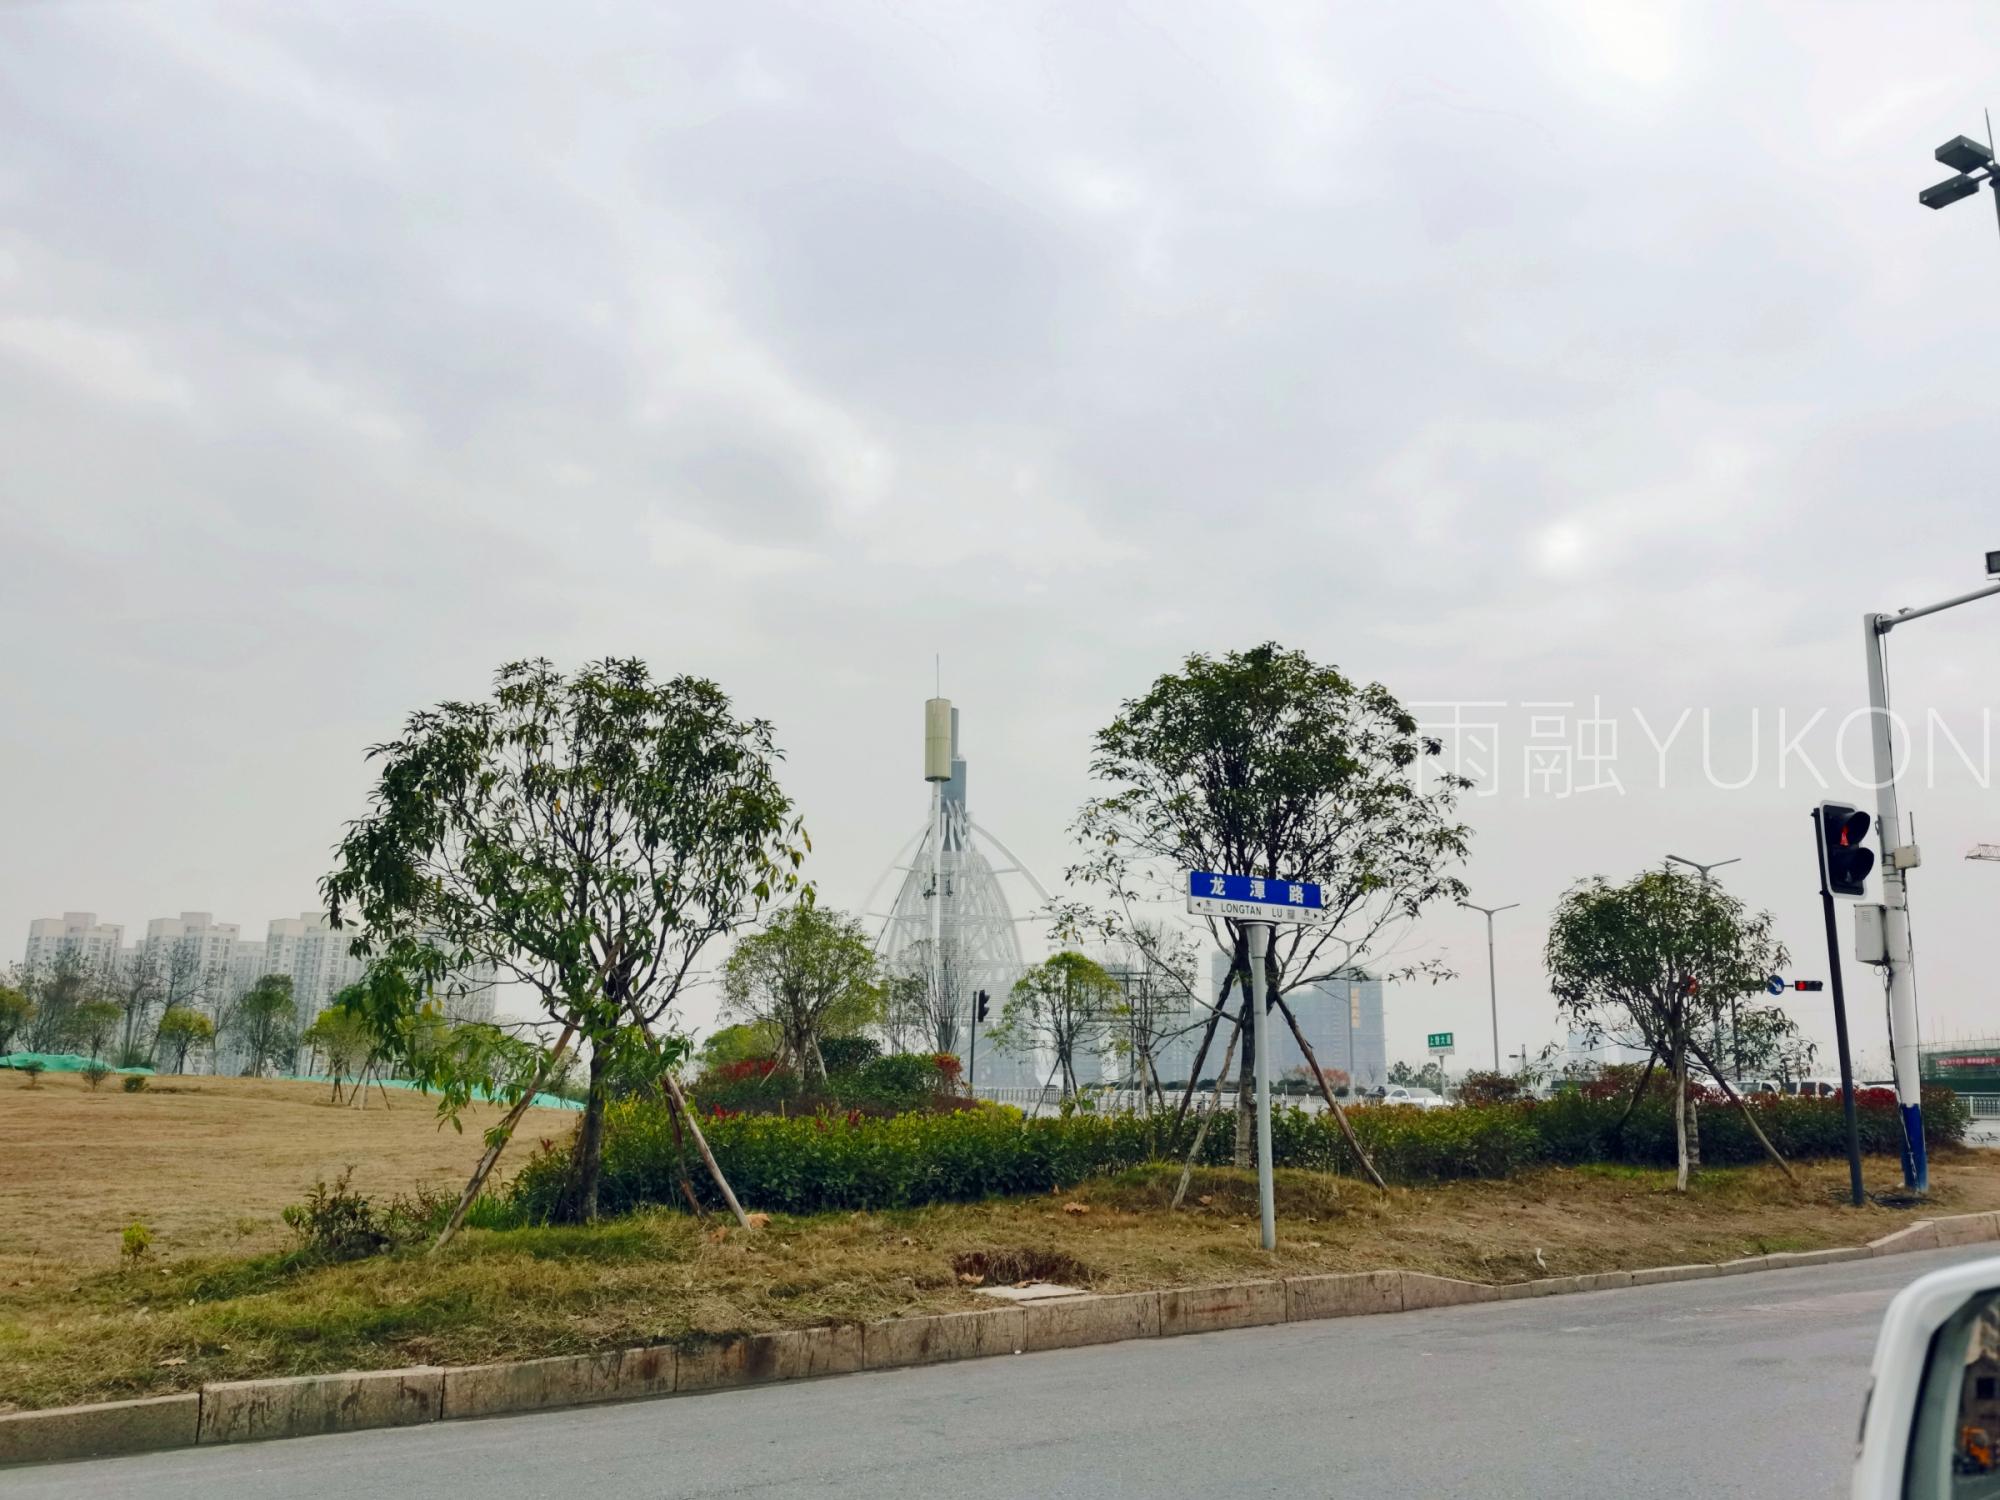 江西省多少人口_江西省城镇人口密集区危险化学品生产企业搬迁改造工作验收